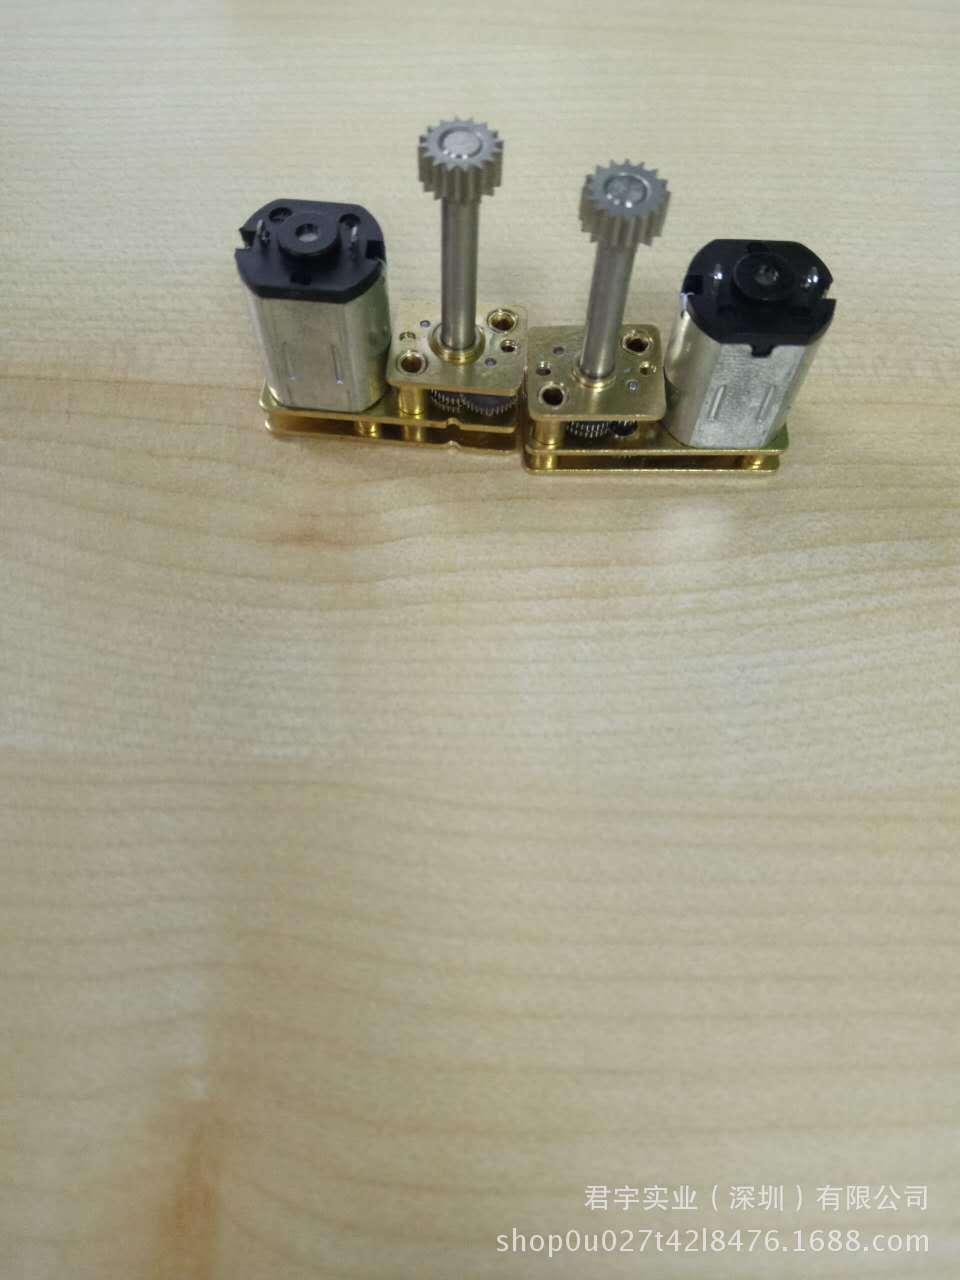 1024减速齿轮箱电机/齿轮箱马达/调速减速电机/指纹锁减速电机